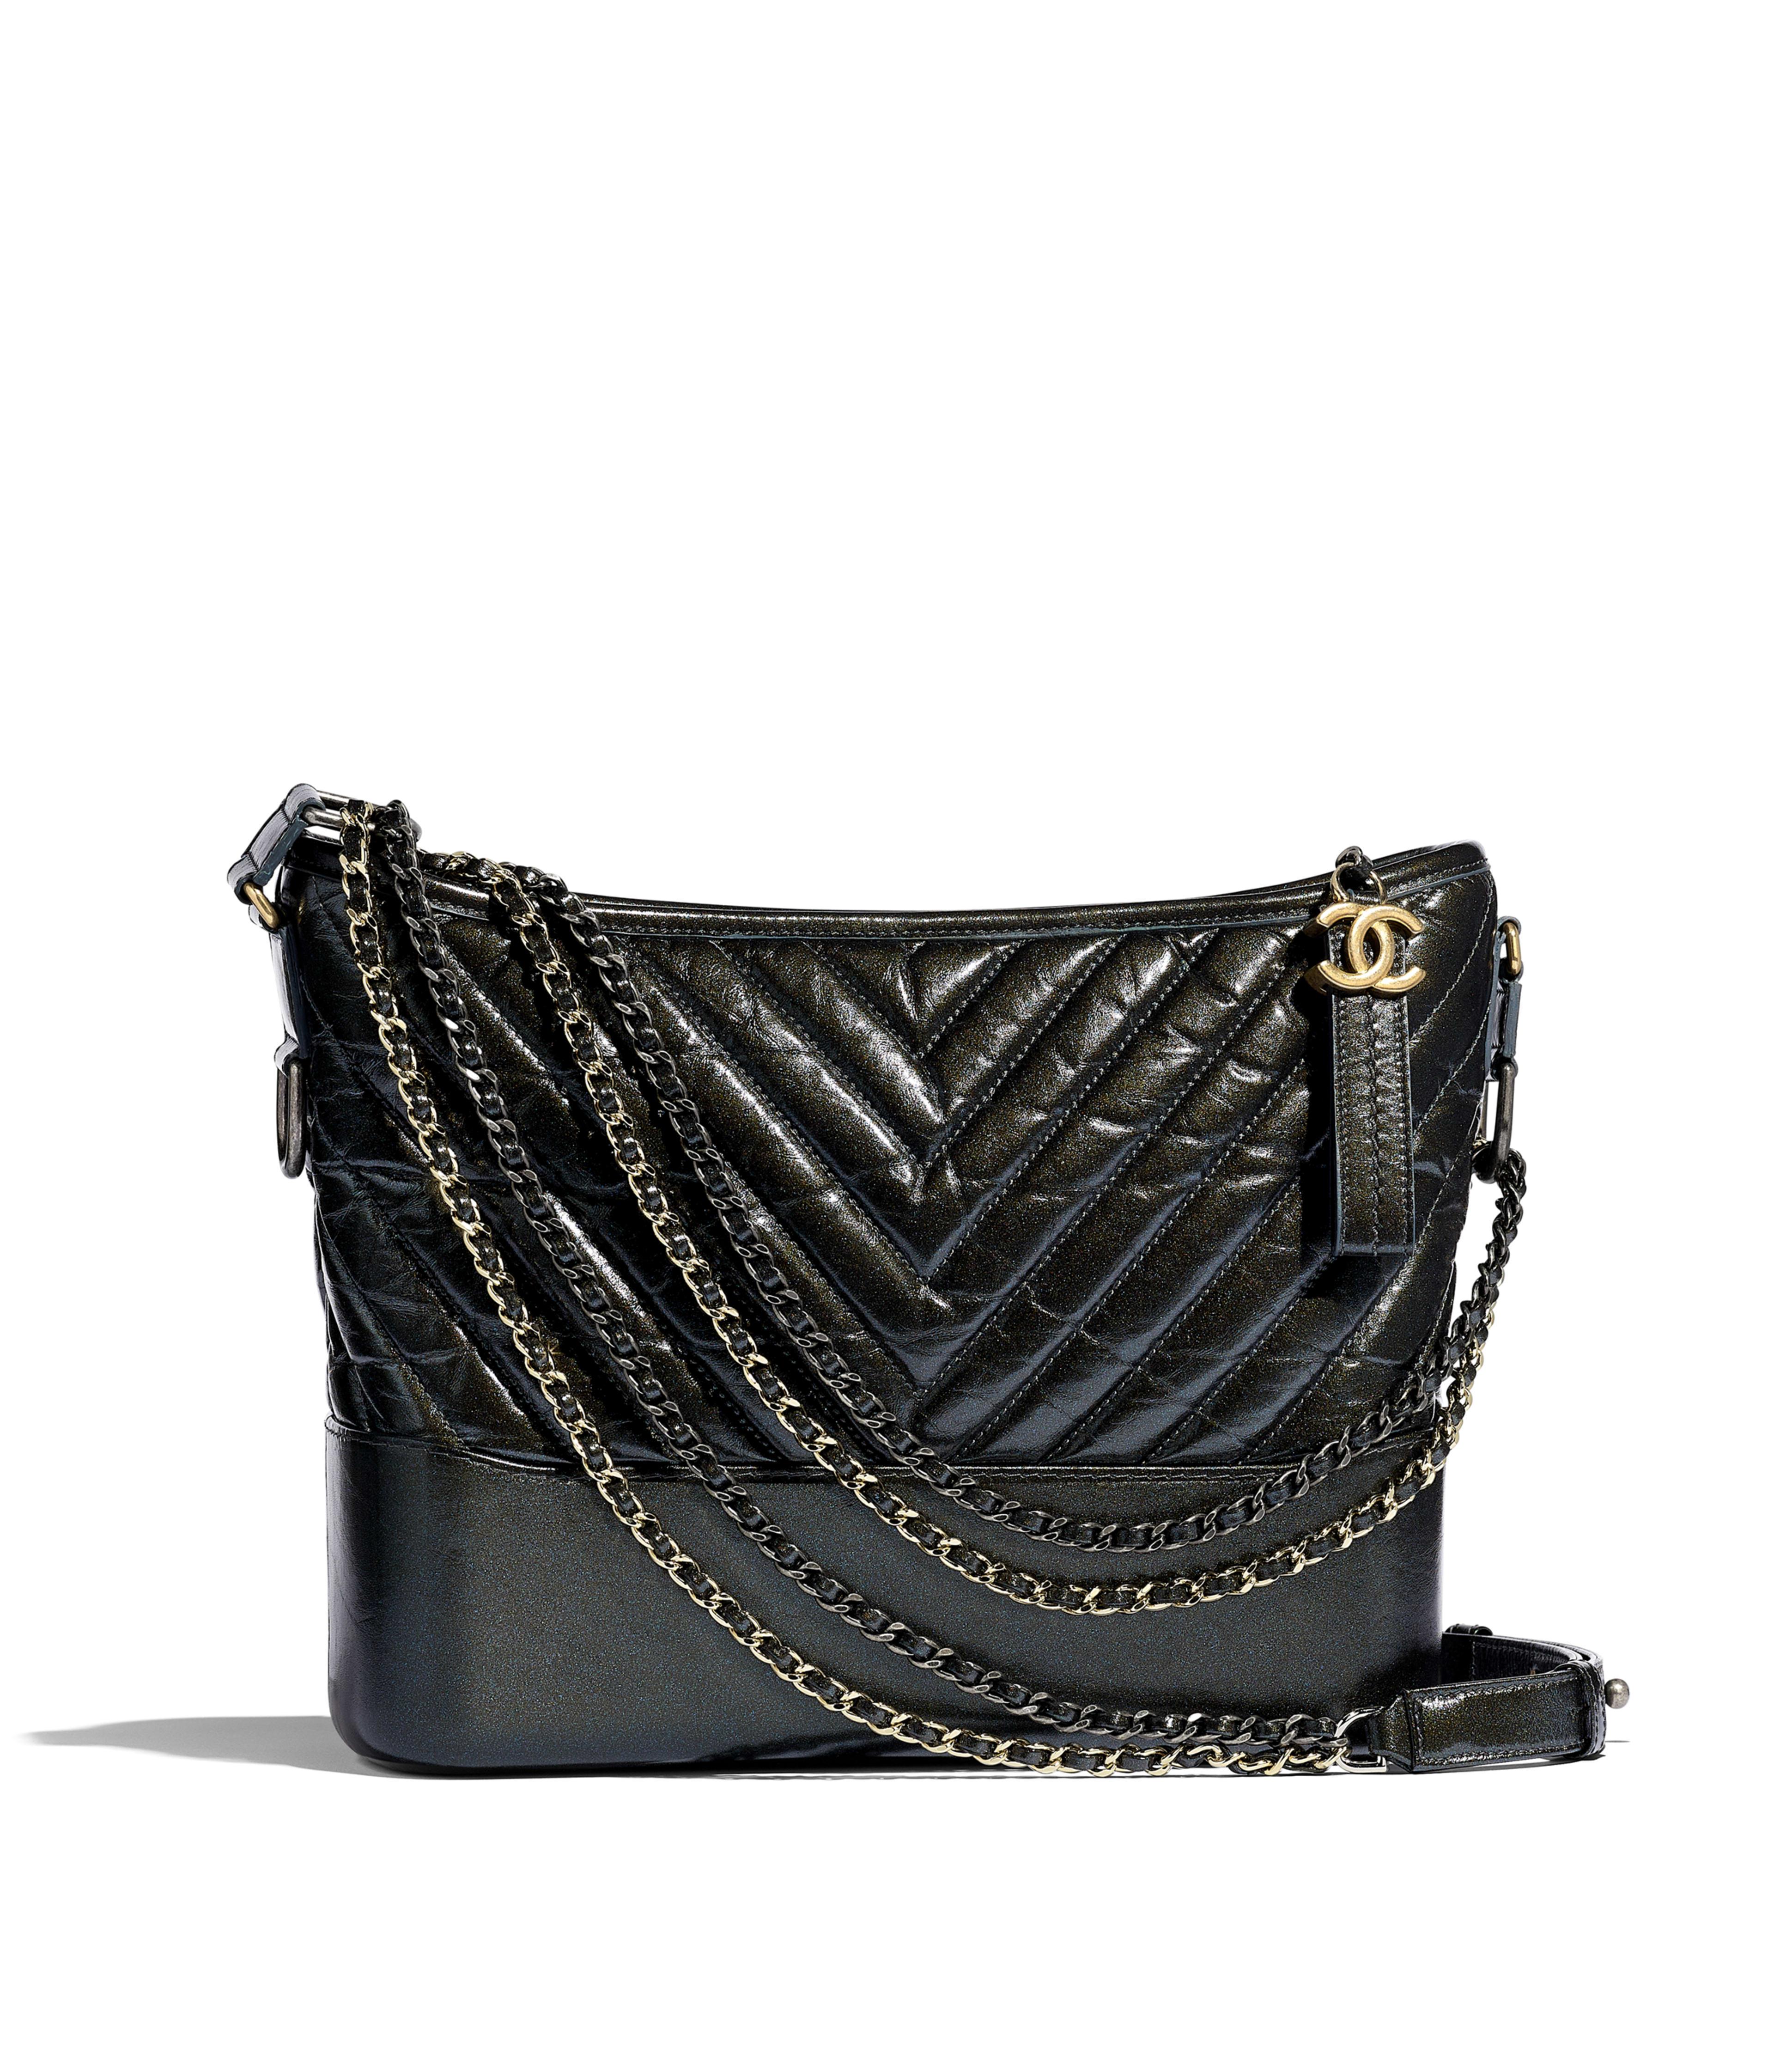 36b640e00542a9 CHANEL'S GABRIELLE Hobo Bag Aged Calfskin, Silver-Tone & Gold-Tone Metal,  Dark Gray Ref. A93824B00877N4780